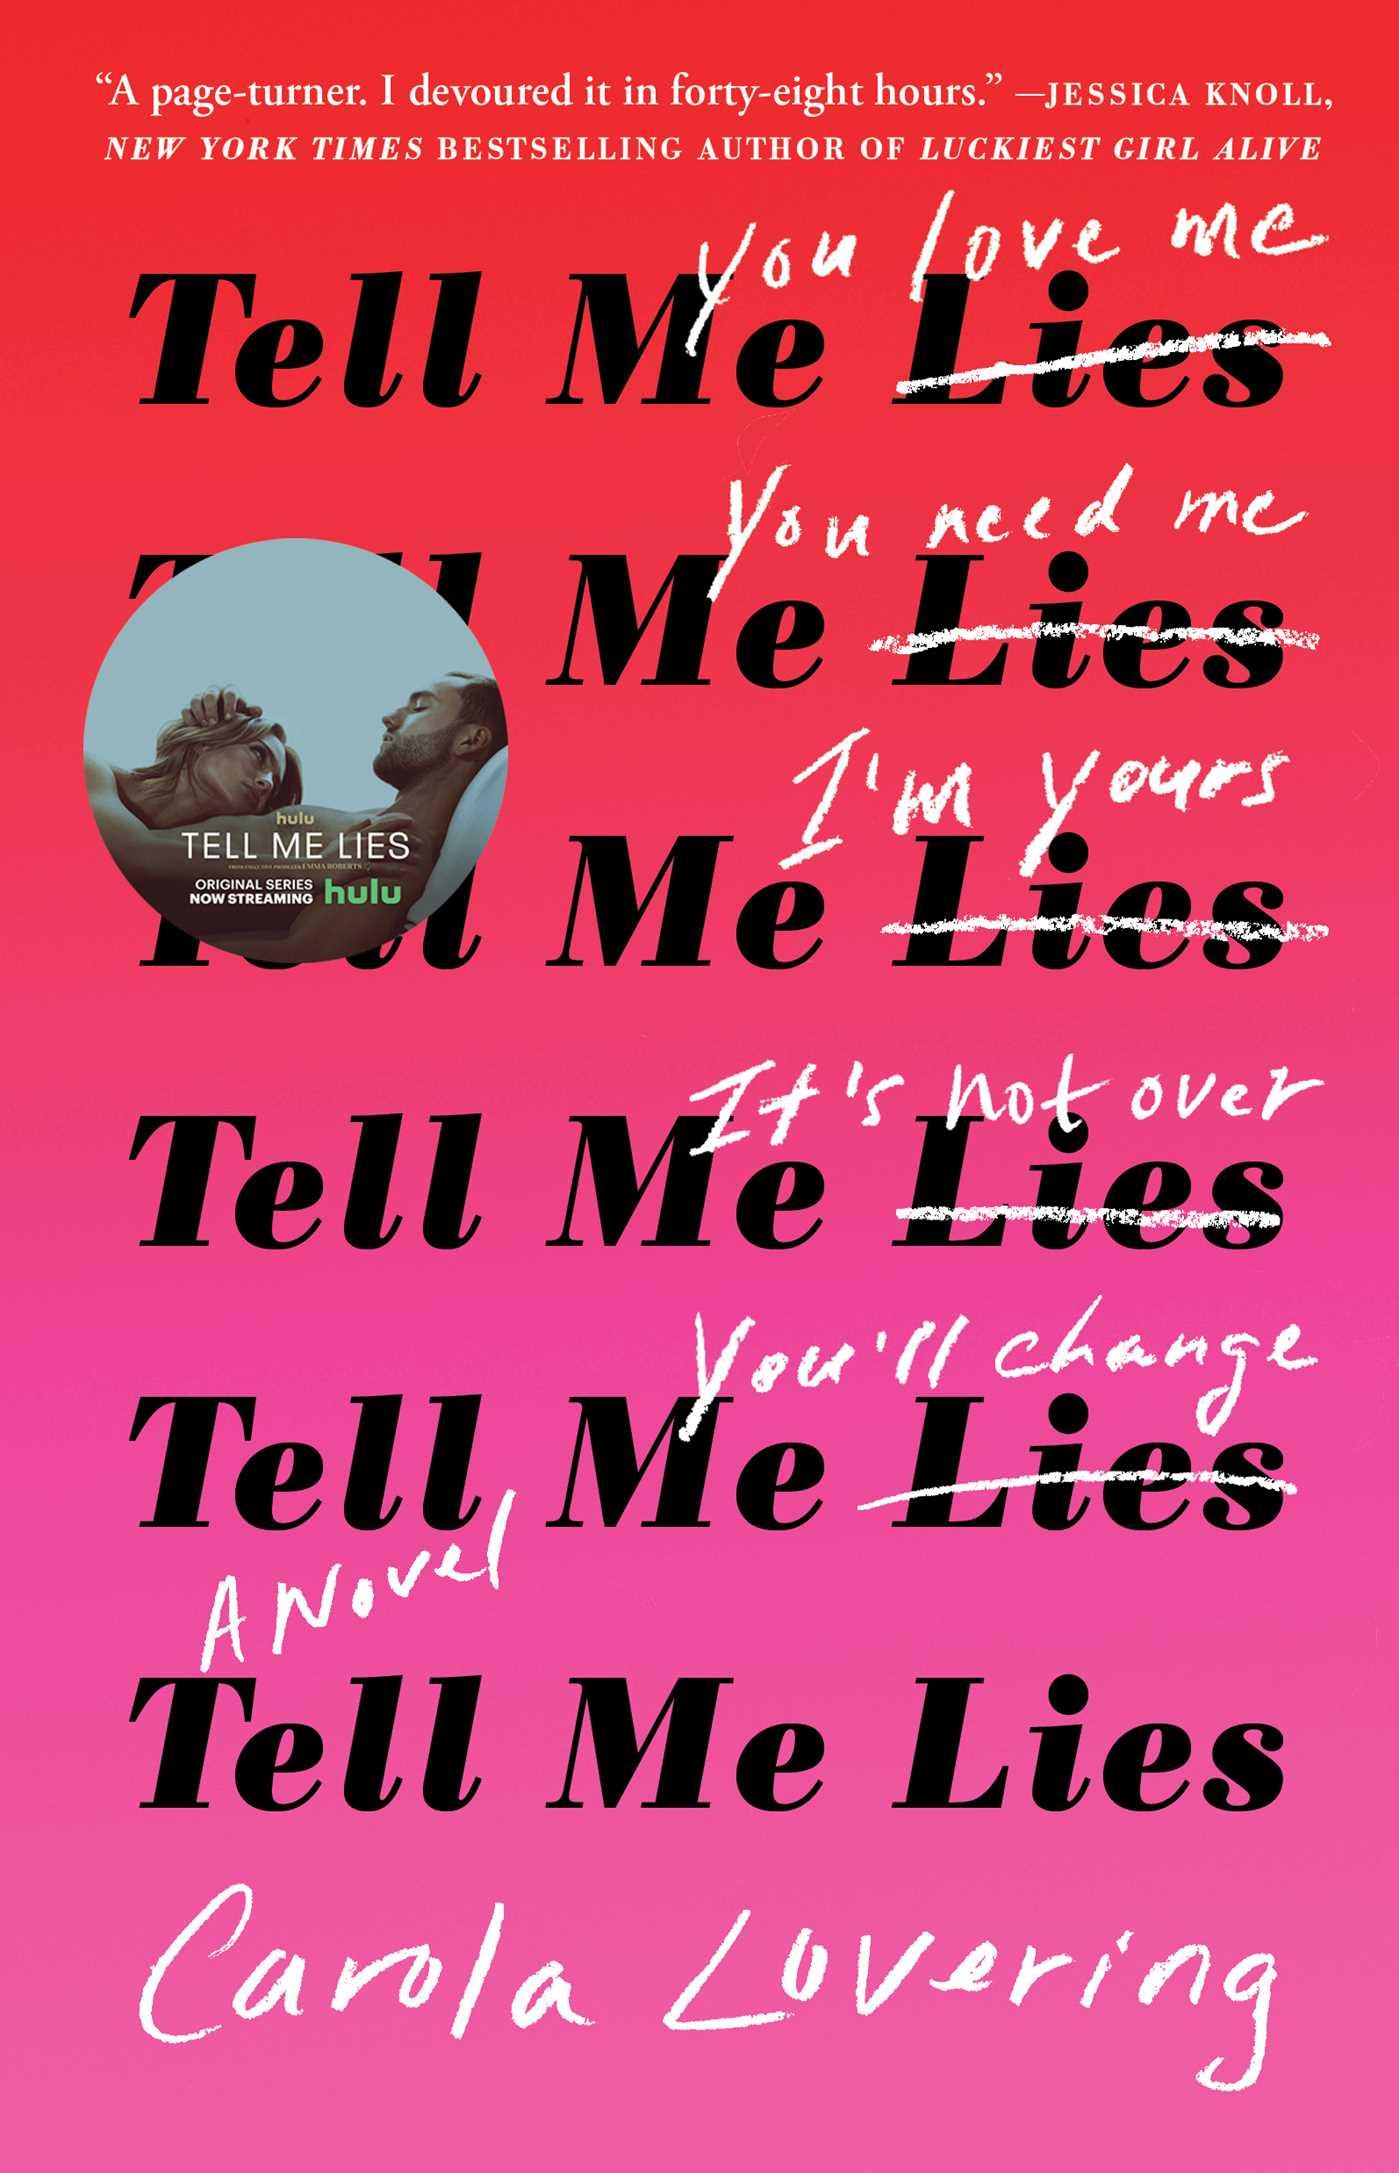 Tell me lies 9781501169656 hr